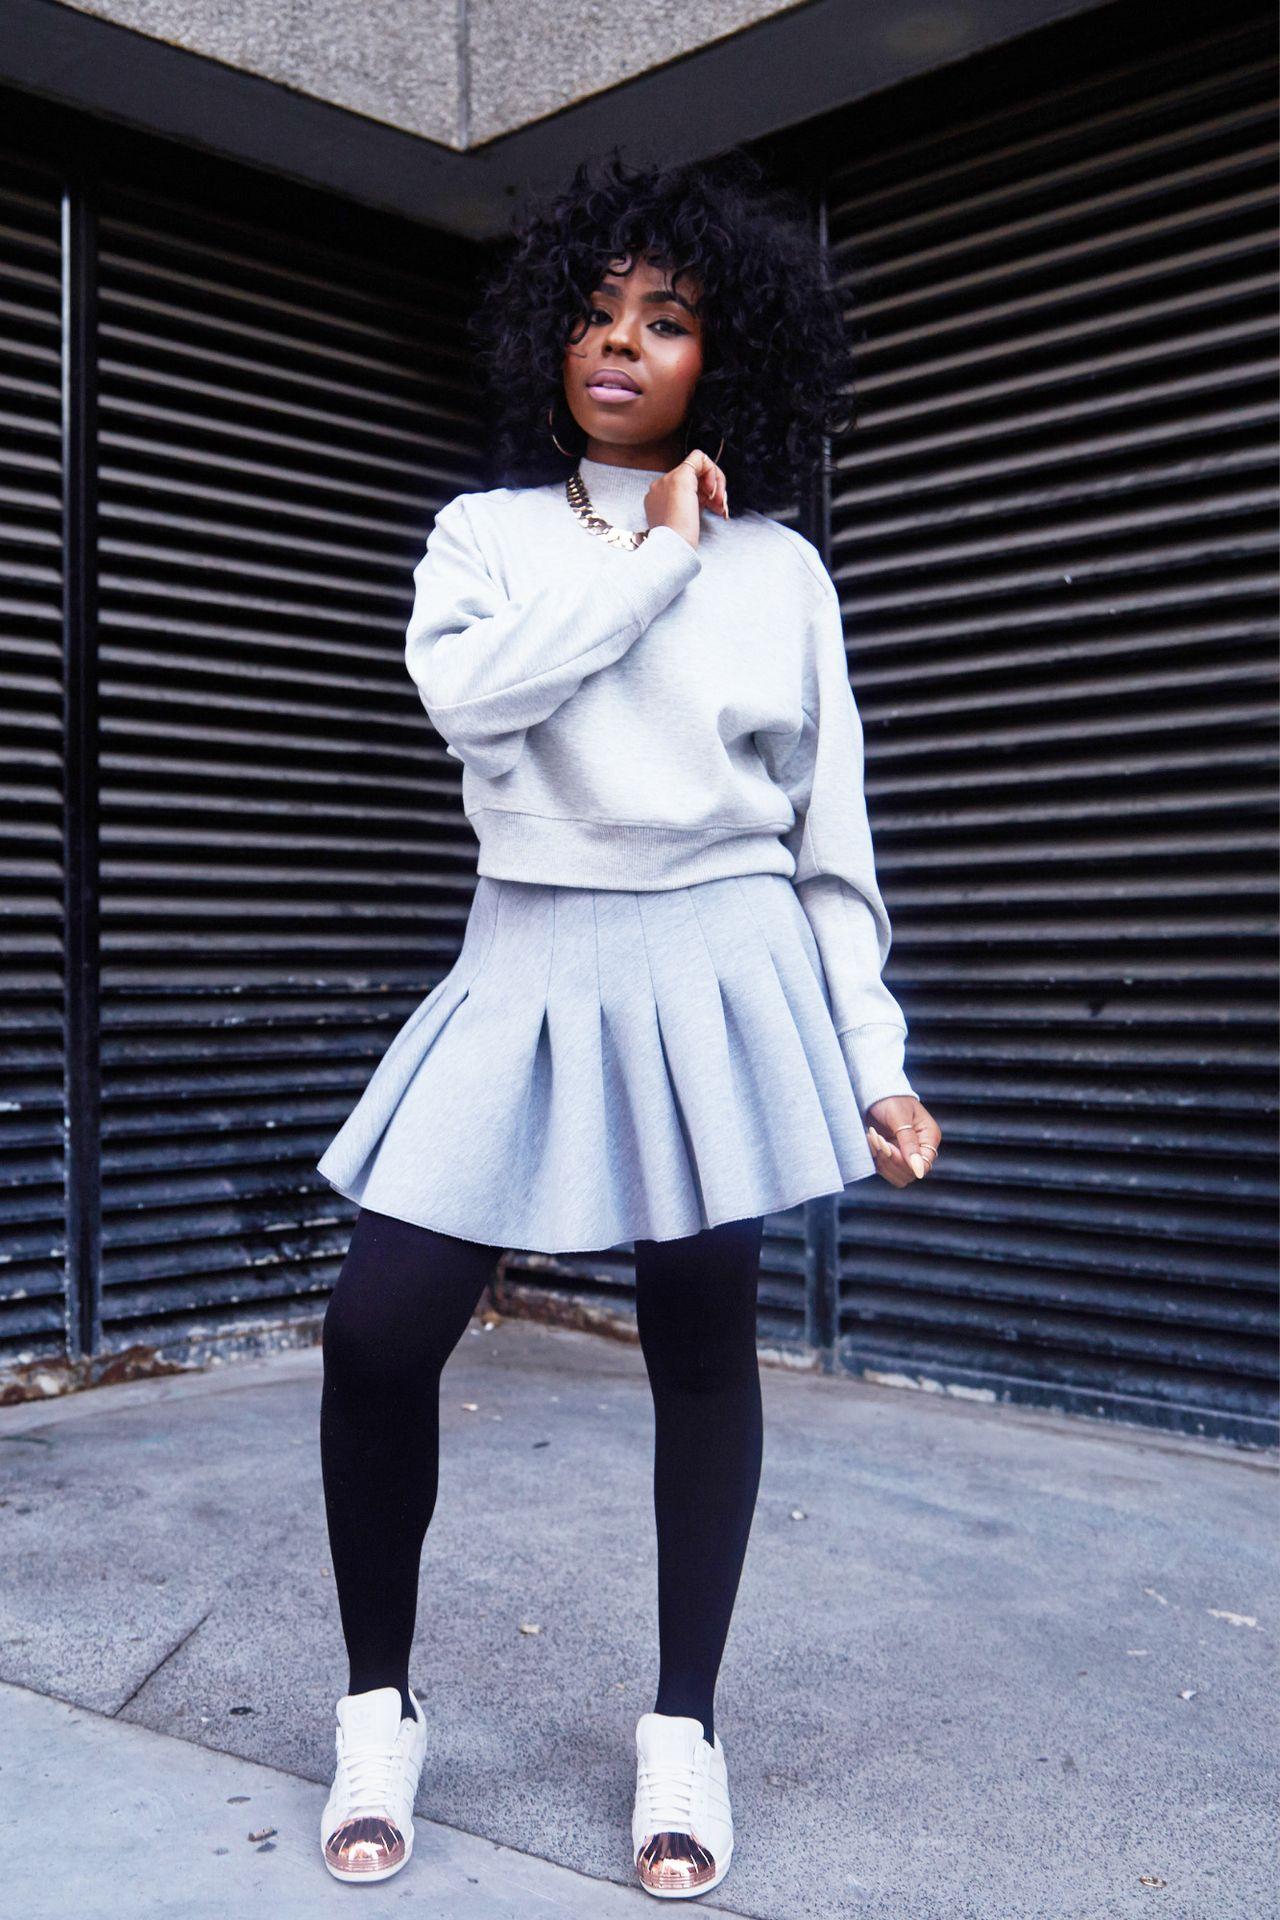 Fly Fall Look Sweatshirt And Tennis Skirt Black Fashion Fashion Fashion Outfits